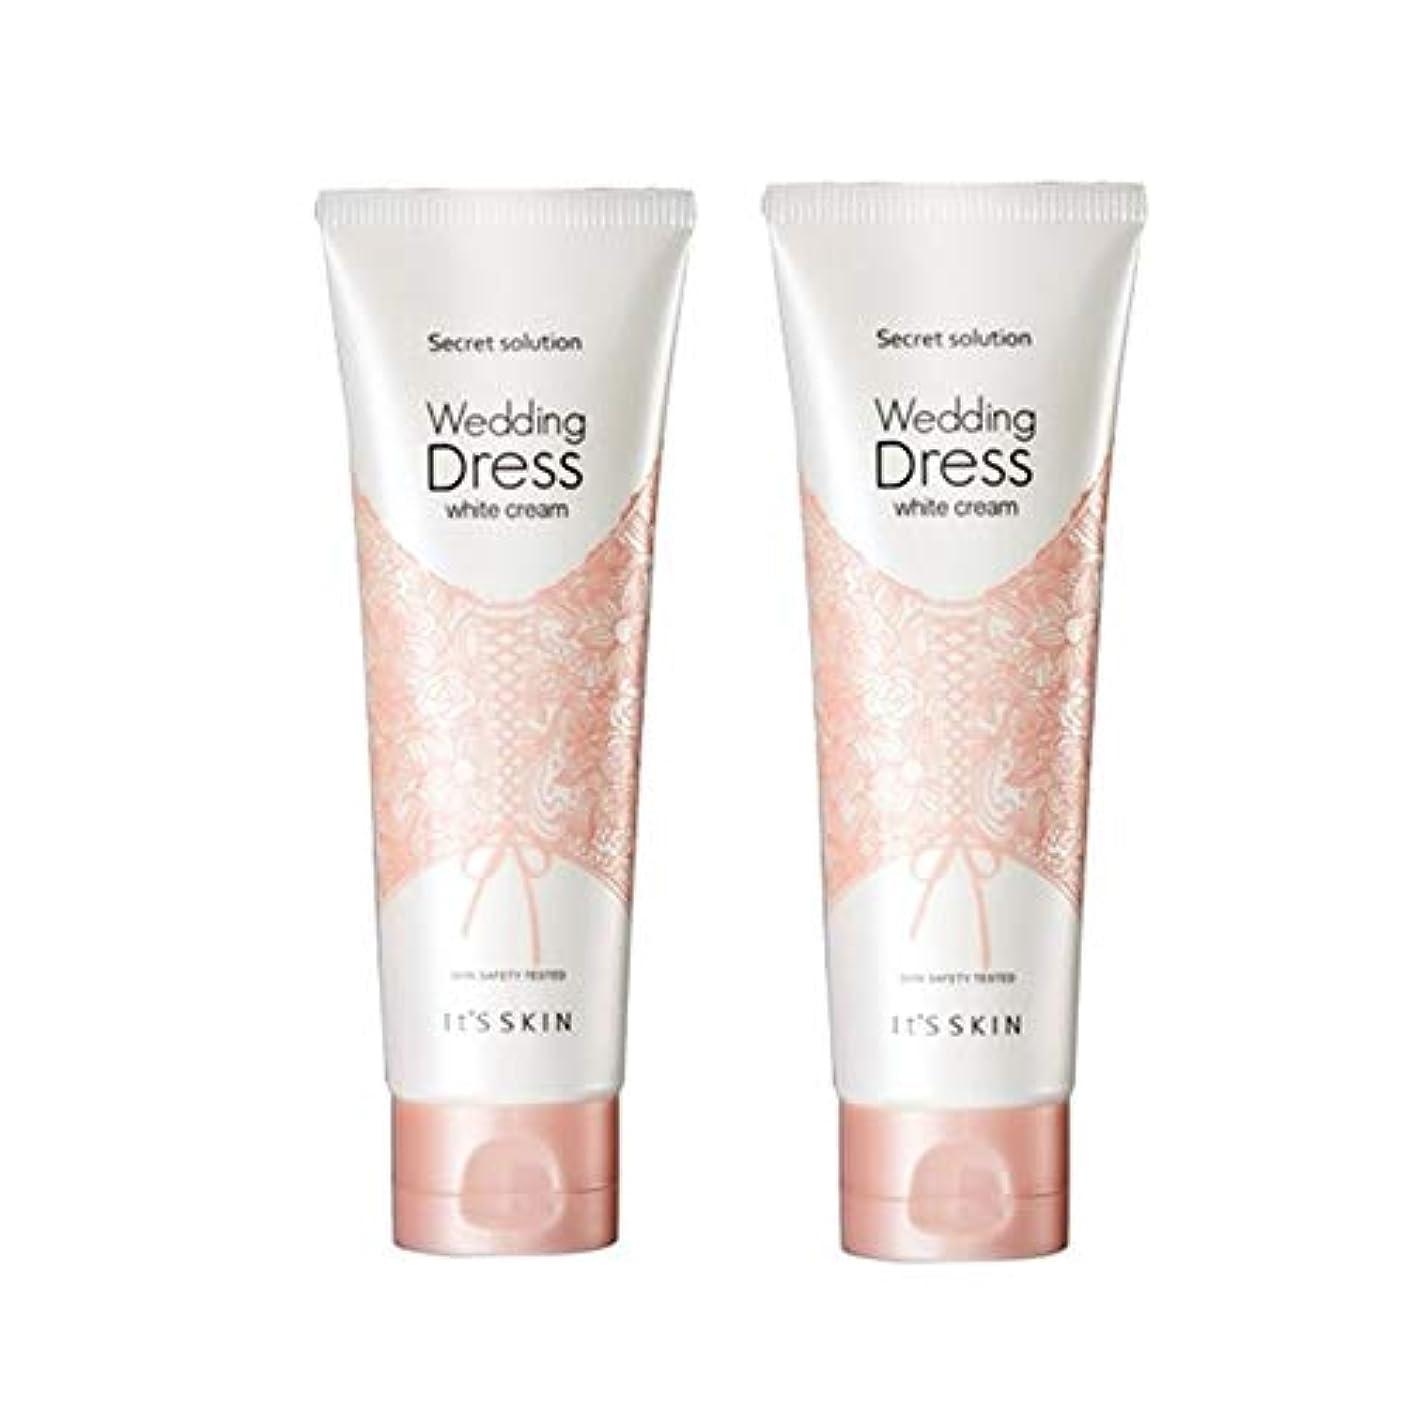 脅威アメリカ勧告イッツスキンのシークレット?ソリューションウェディングドレス?ホワイトクリーム100mlx 2本セット、It's Skin Secret Solution Wedding Dress White Cream 100ml...